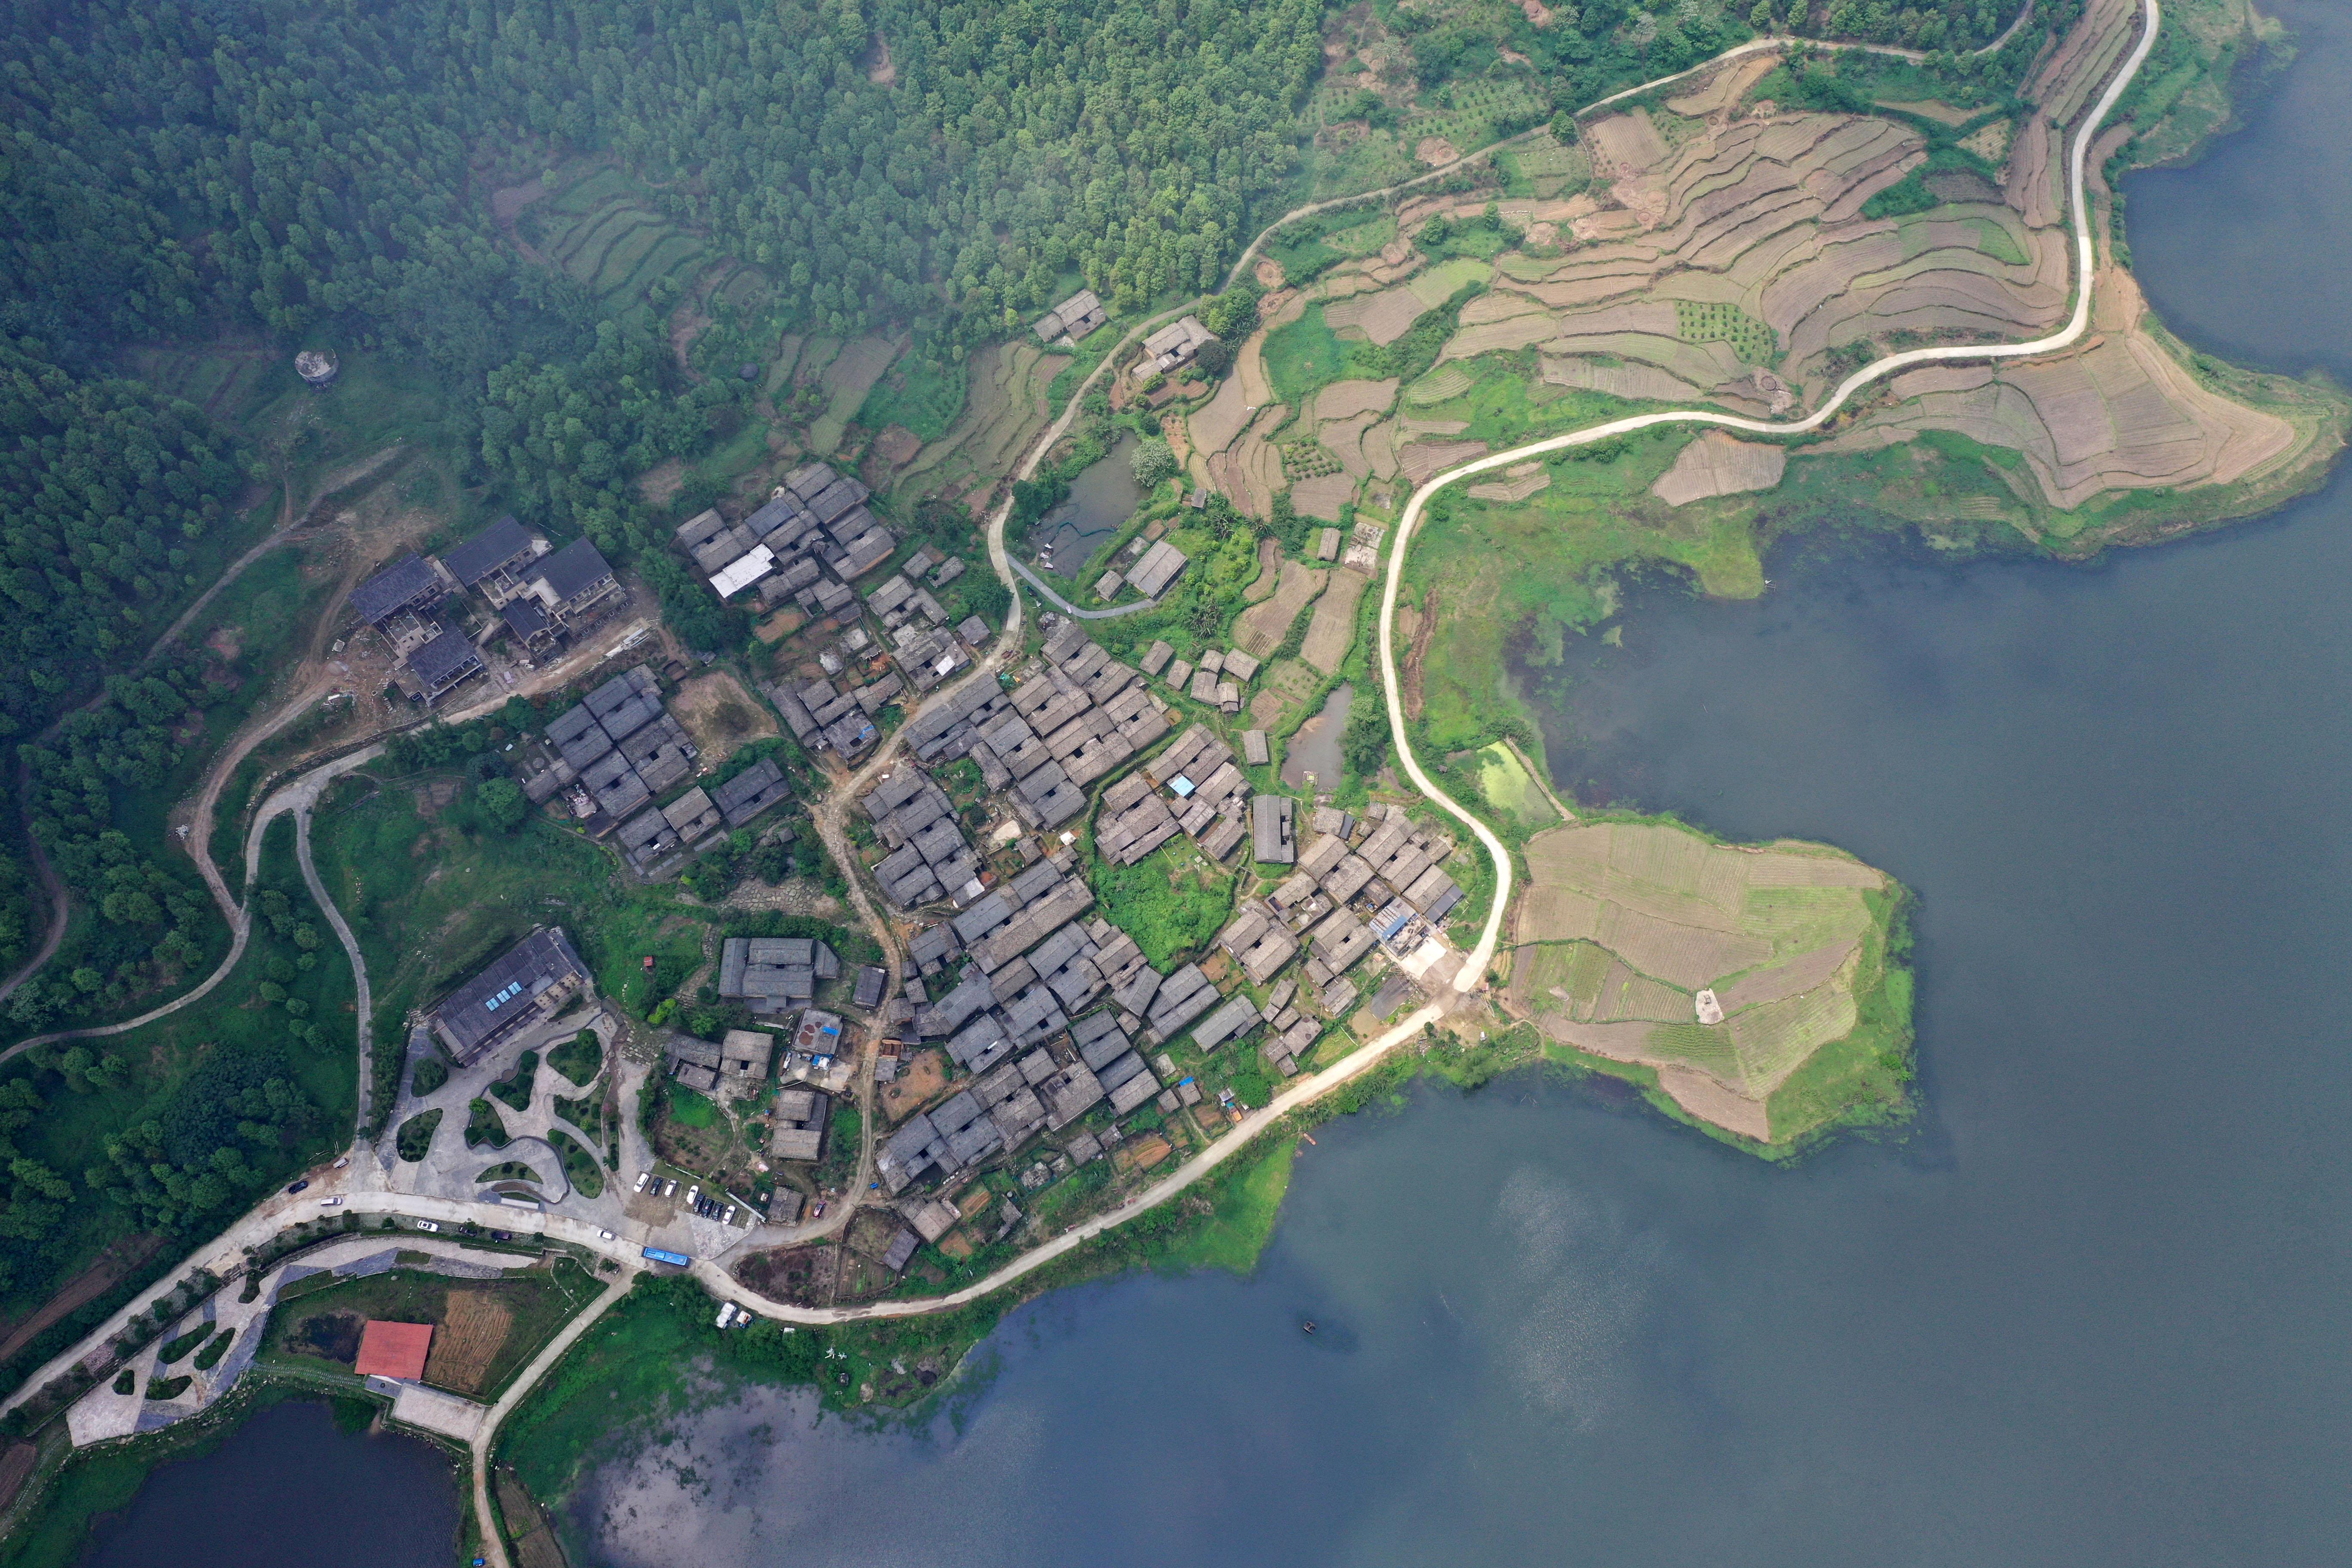 """苍翠的大山、清澈的河流、多彩的民俗……大苗山的绿水青山图,是八桂大地生态画卷的一个缩影。广西融水苗族自治县大力发展生态经济,把生态理念贯穿农村发展、农业生产、农民生活以及脱贫攻坚工作中,通过持续开展植树造林、加大基础设施建设,不断改善乡村环境,推进生态乡村建设。     近年来,广西牢固树立生态文明理念,坚定不移地推动绿色发展,实施""""村屯绿化""""专项活动、""""金山银山""""工程等,生态治理成效显著,绿色已成了""""美丽广西""""的底色。"""